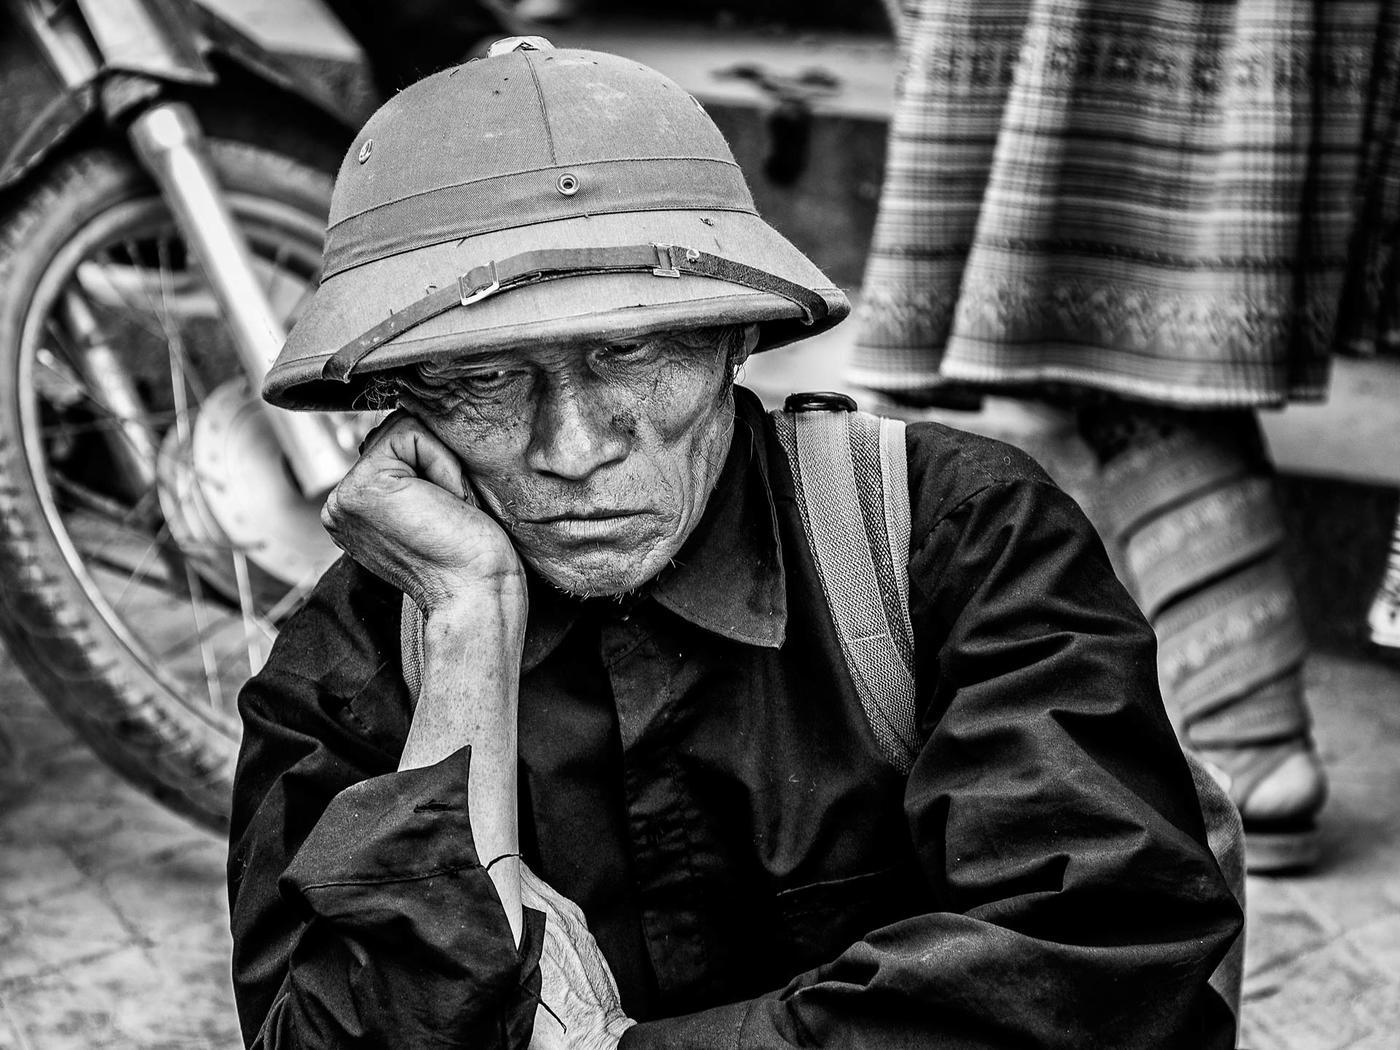 Qué triste aquella guerra (Jose Luis Rubio Perez)